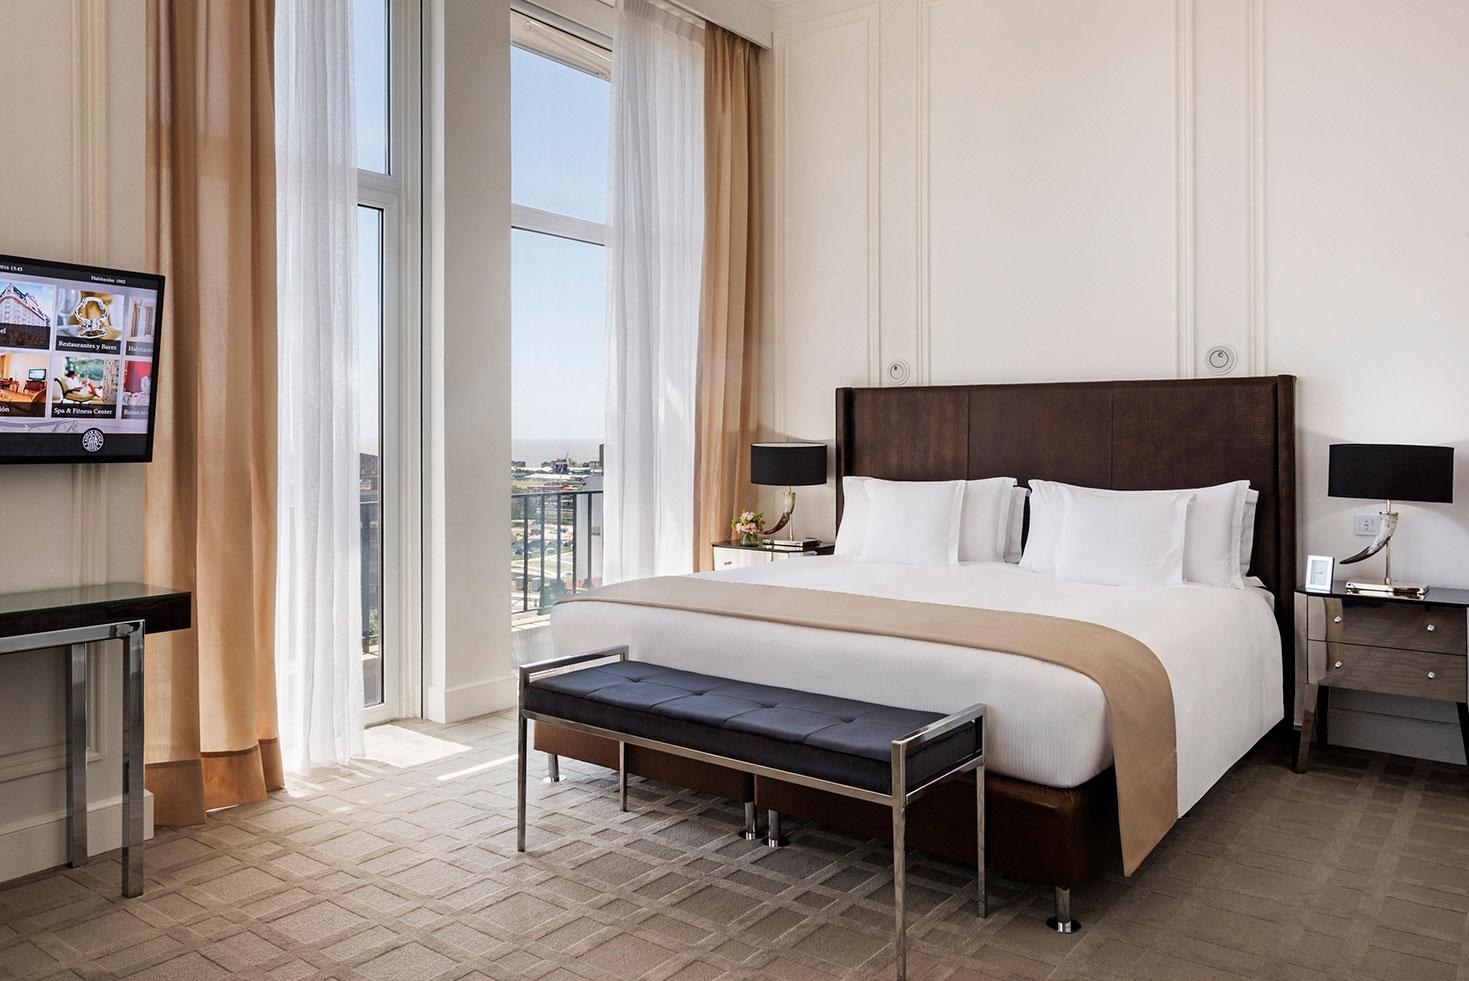 Alvear Palace Hotel, Habitaciones y Suites: SUITE DE LUJO ... - photo#50